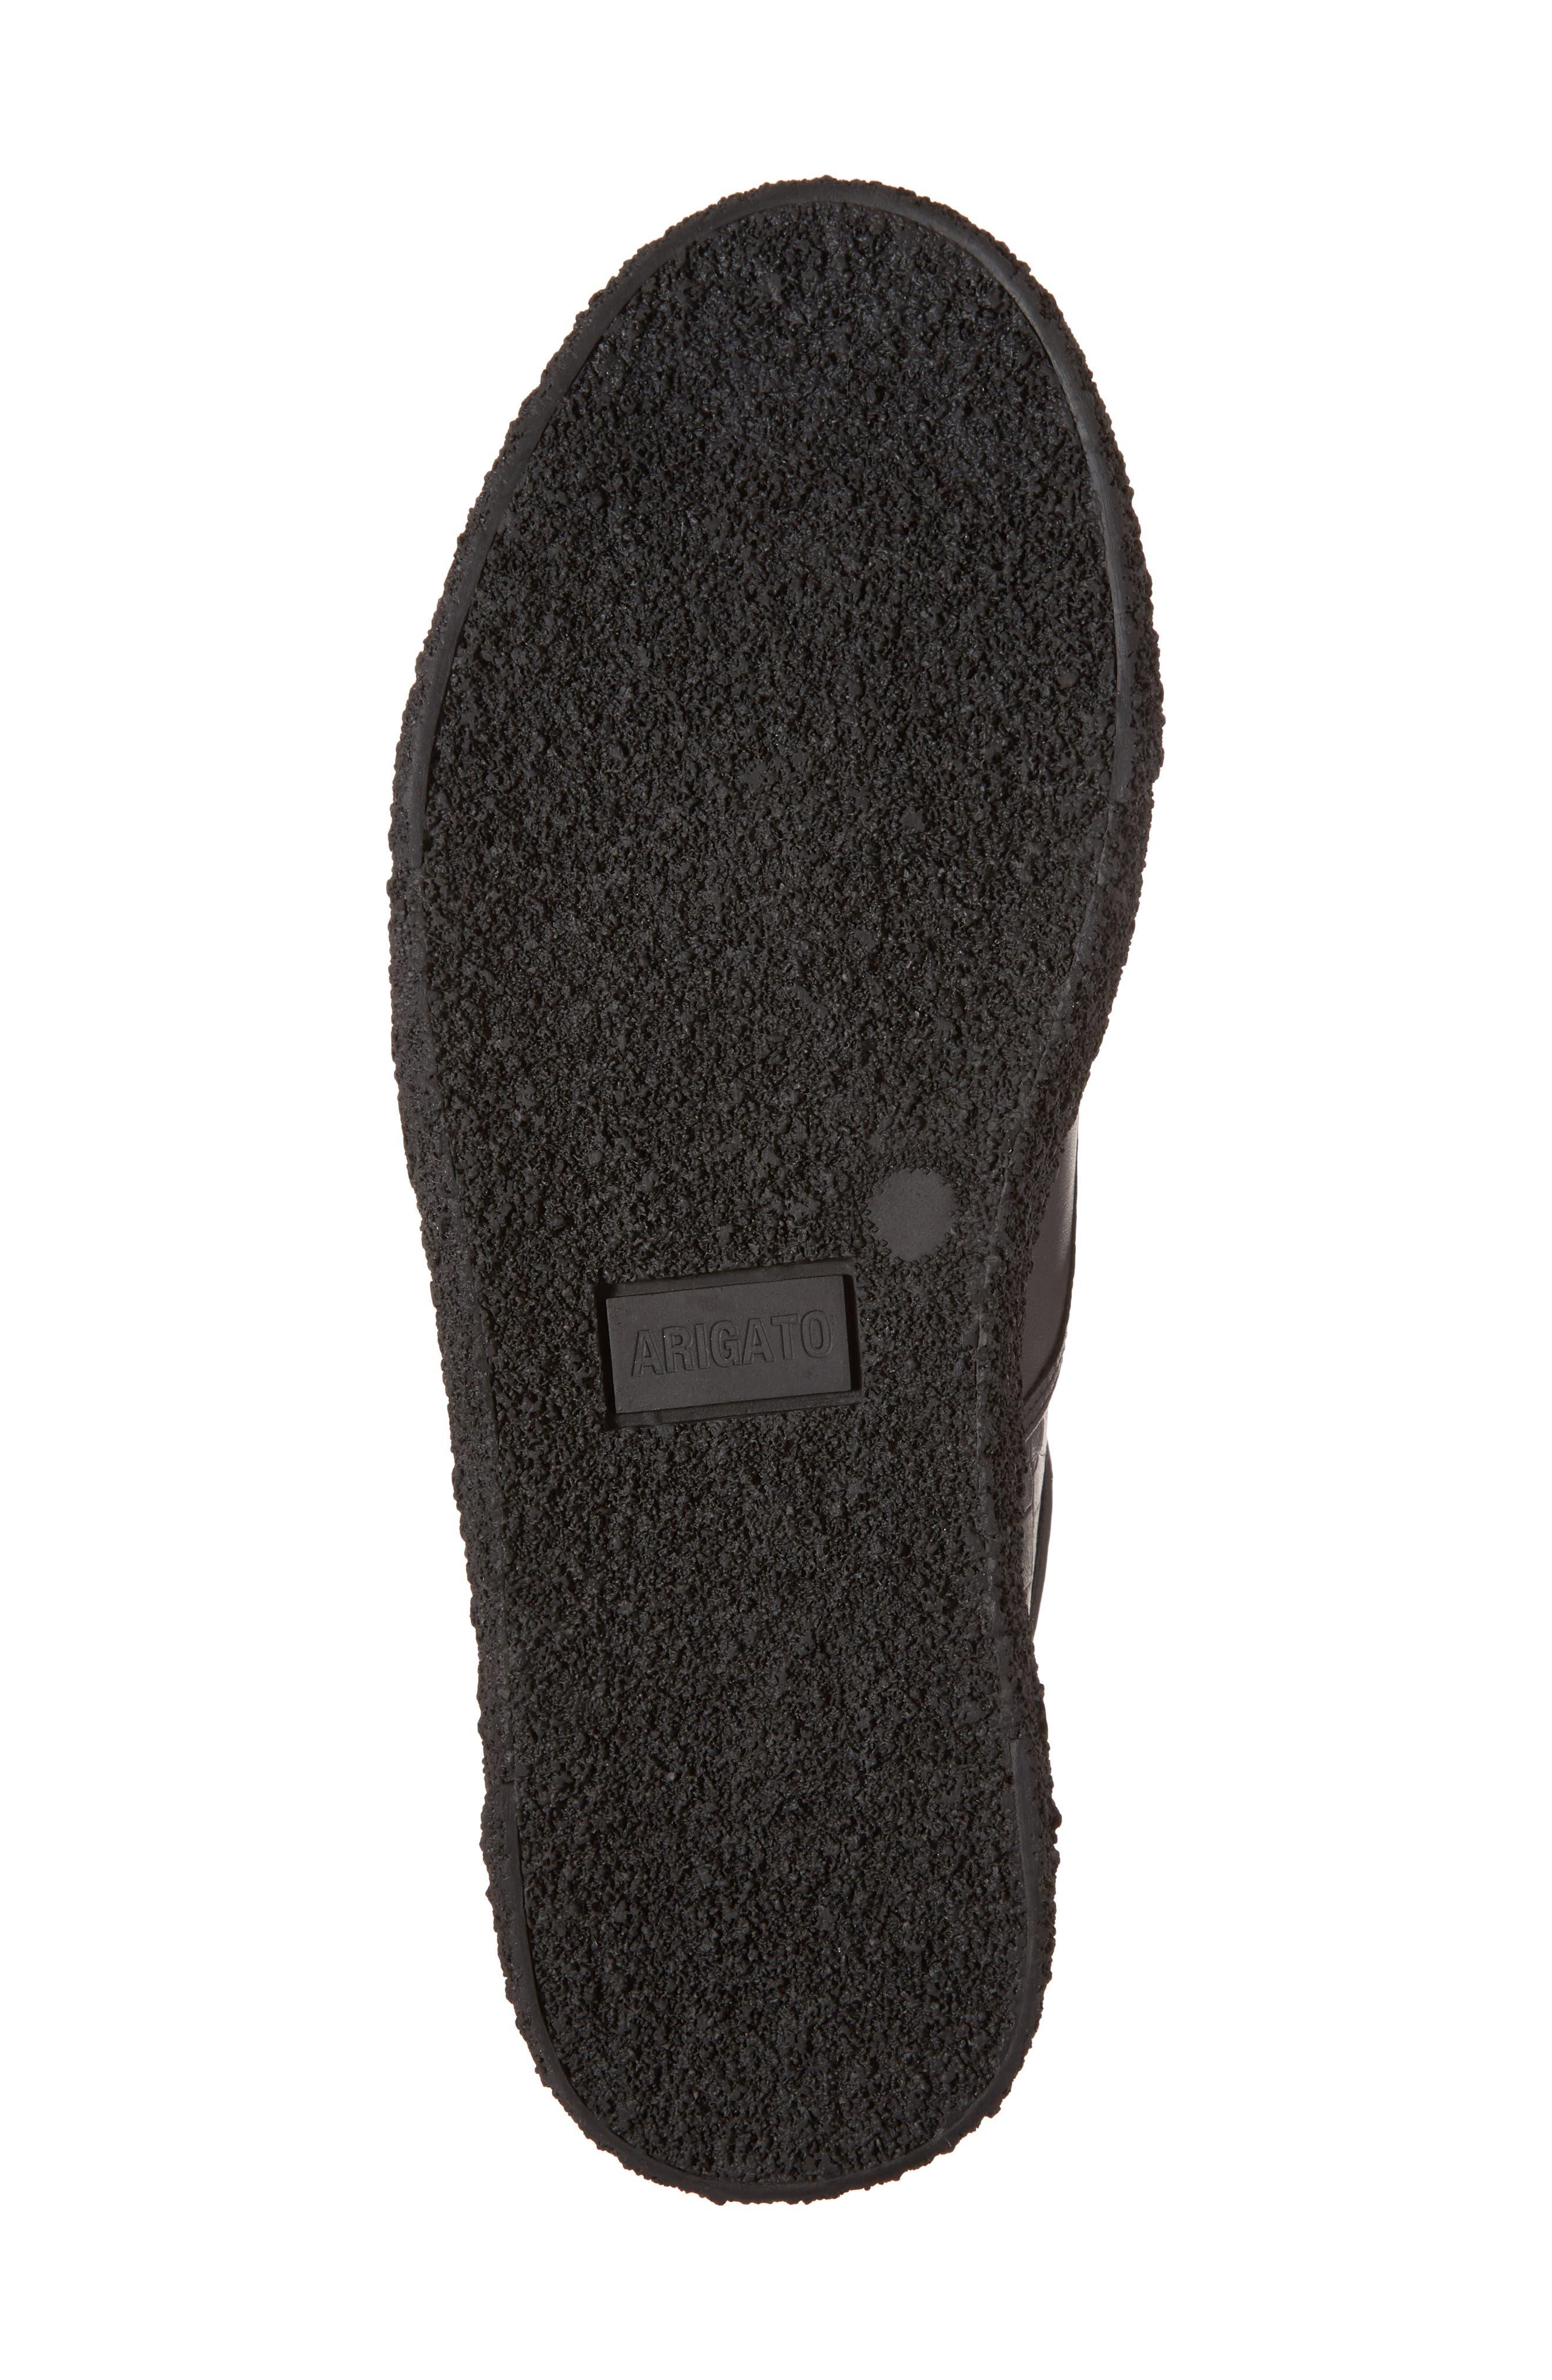 Skate Embossed Sneaker,                             Alternate thumbnail 6, color,                             Black Leather